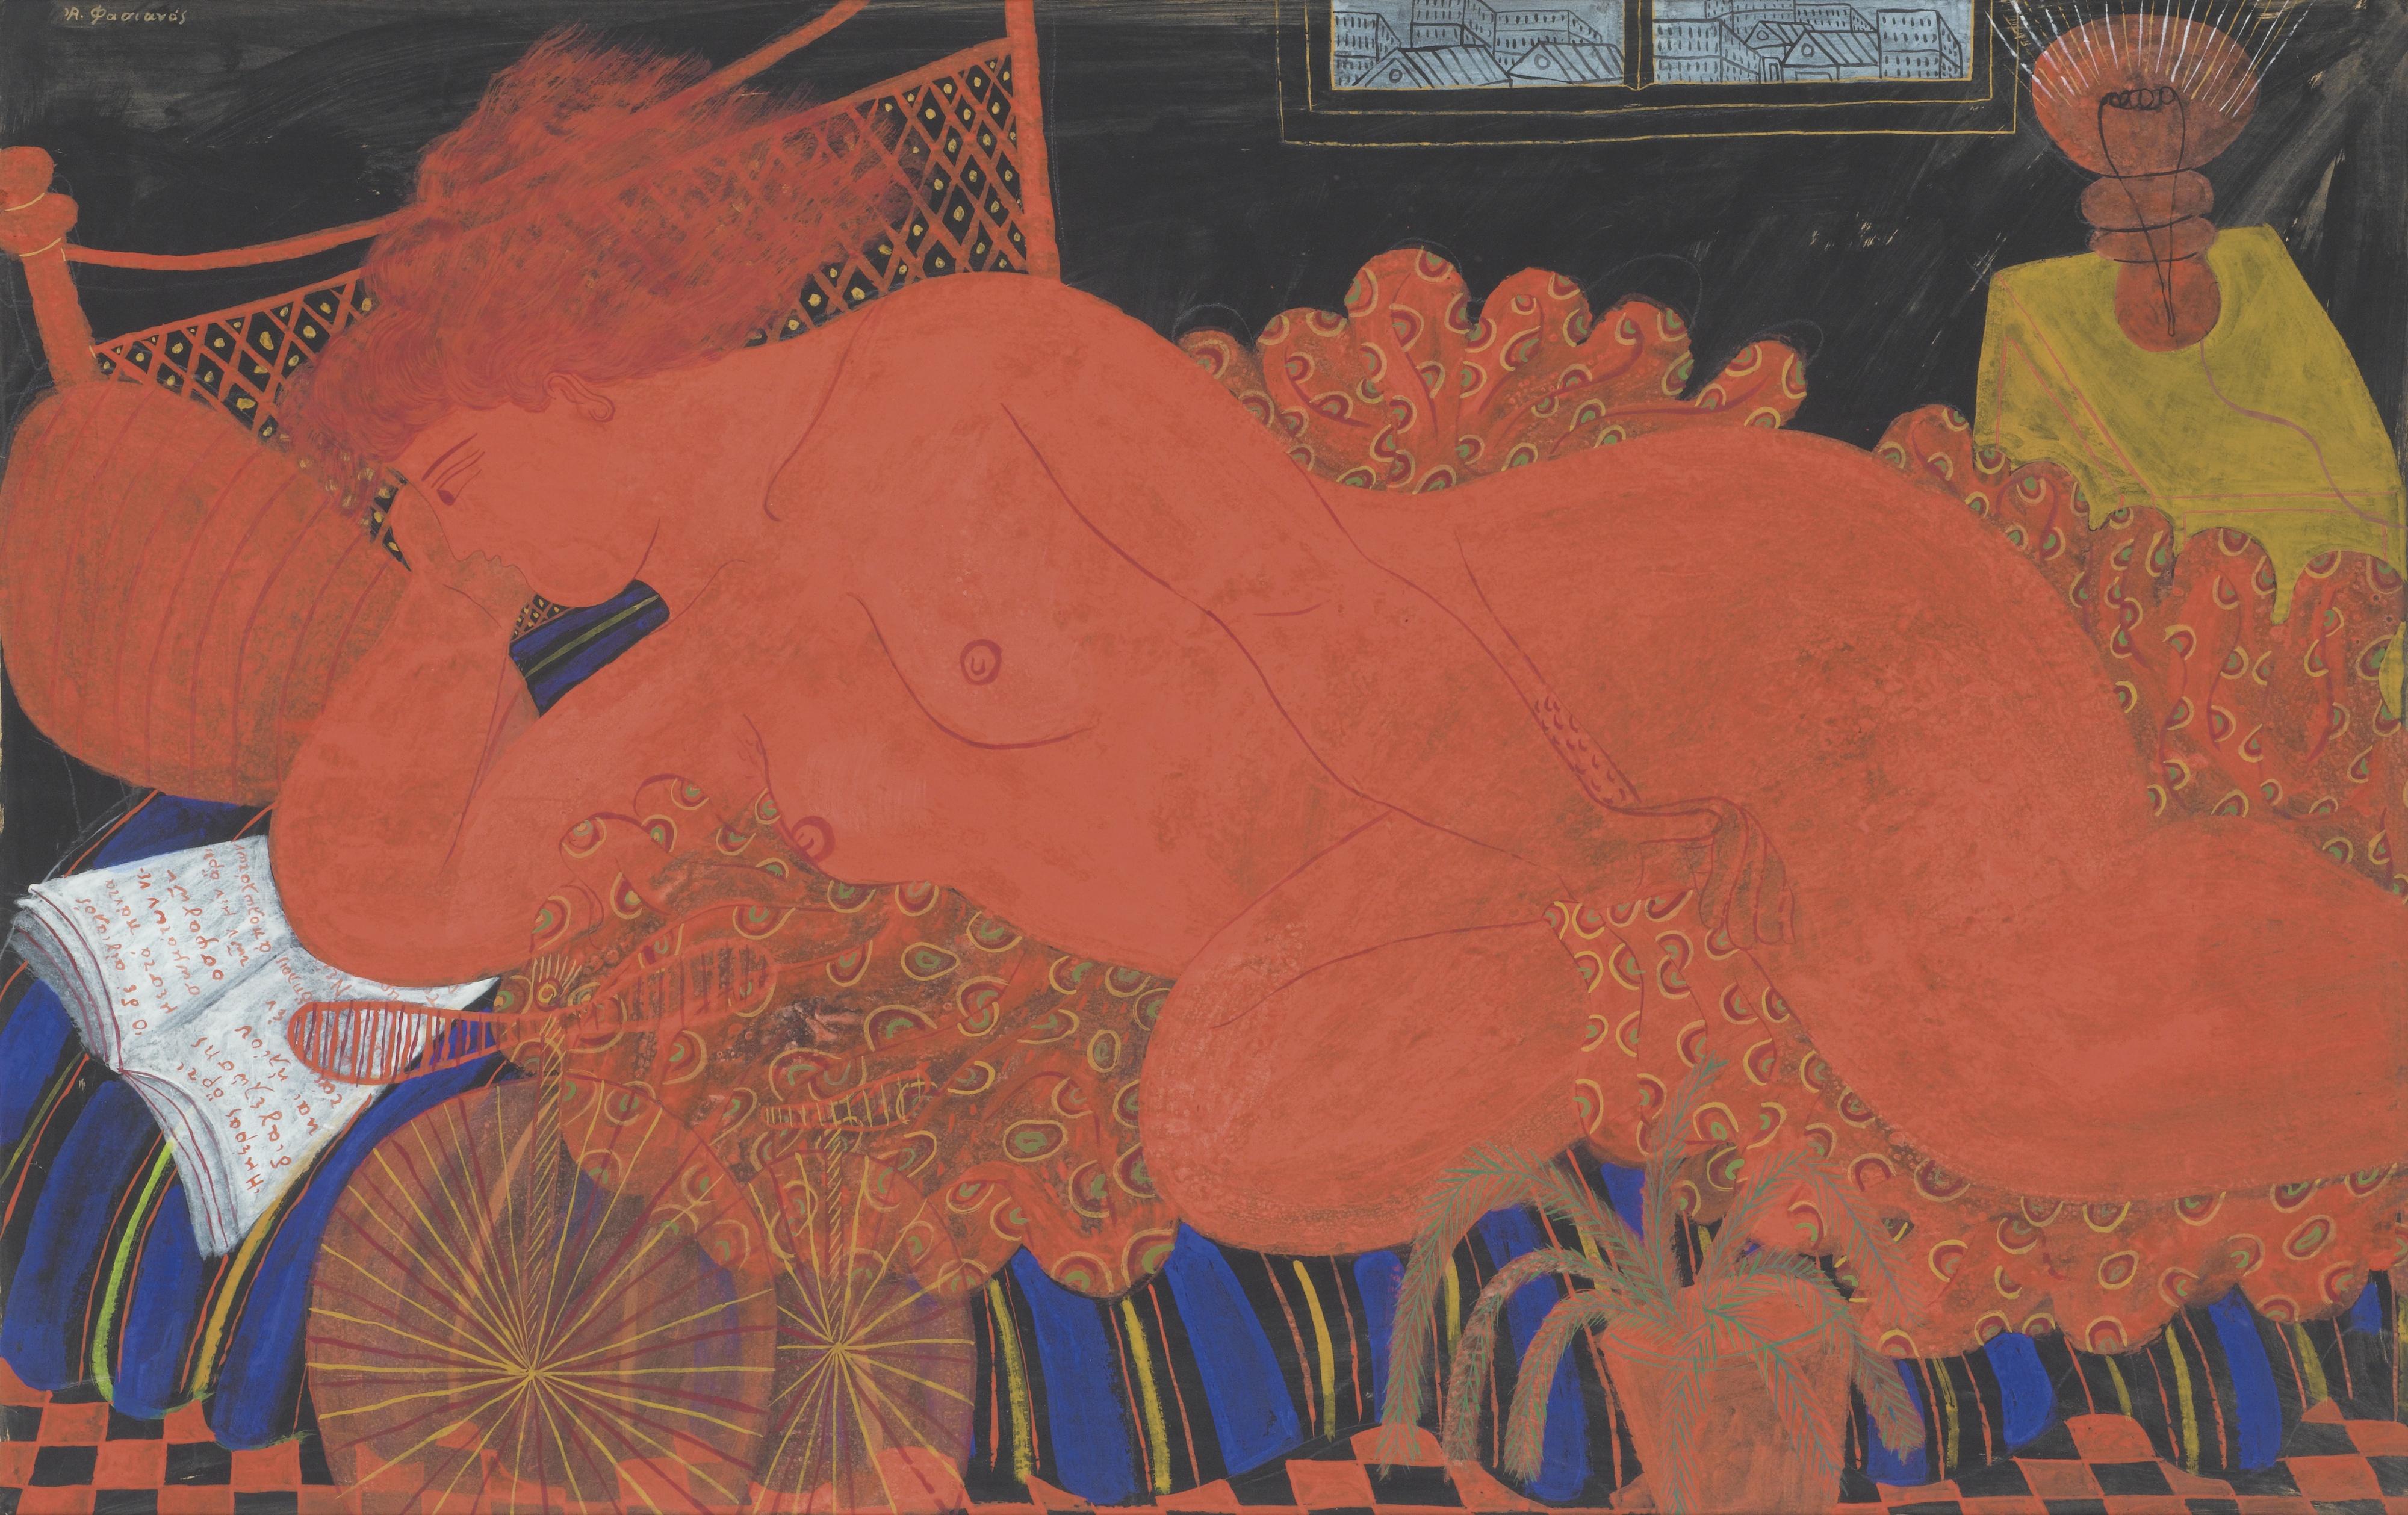 Alecos Fassianos, род в 1935. Красная обнаженная. 66.5 х 102.5 см. Частная коллекция